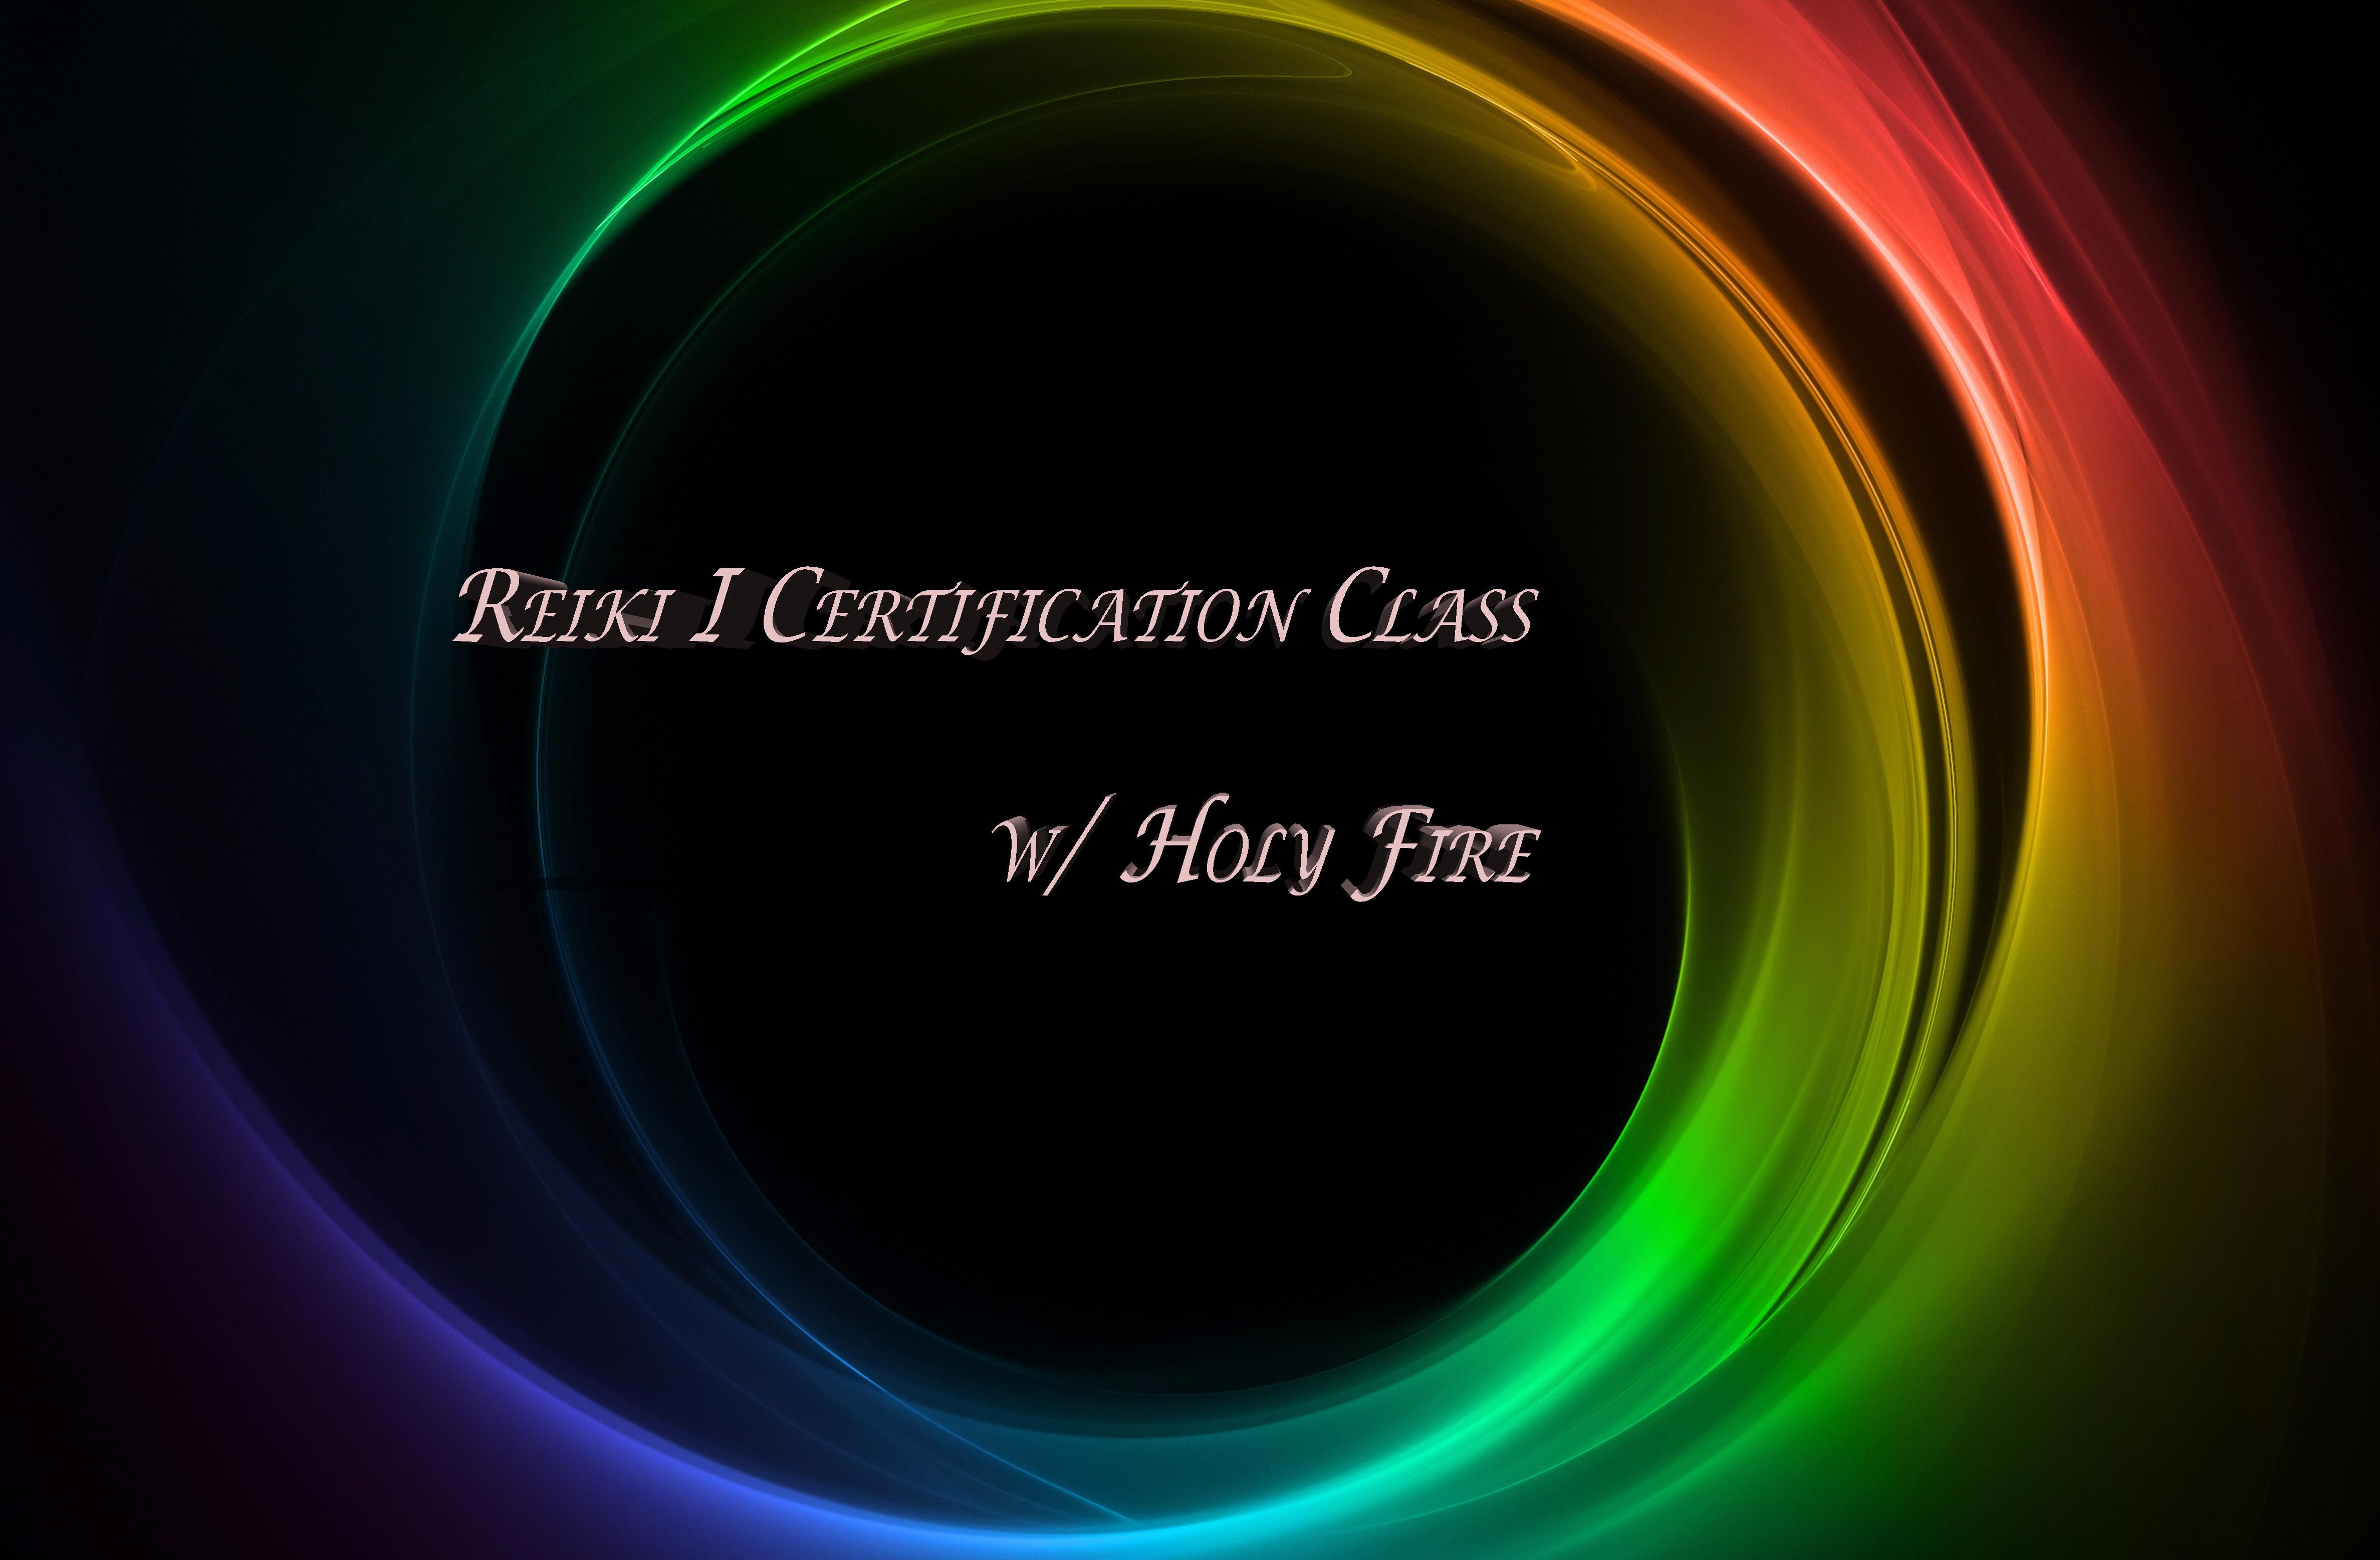 Reiki I Certification Class @ Temecula Reiki Center